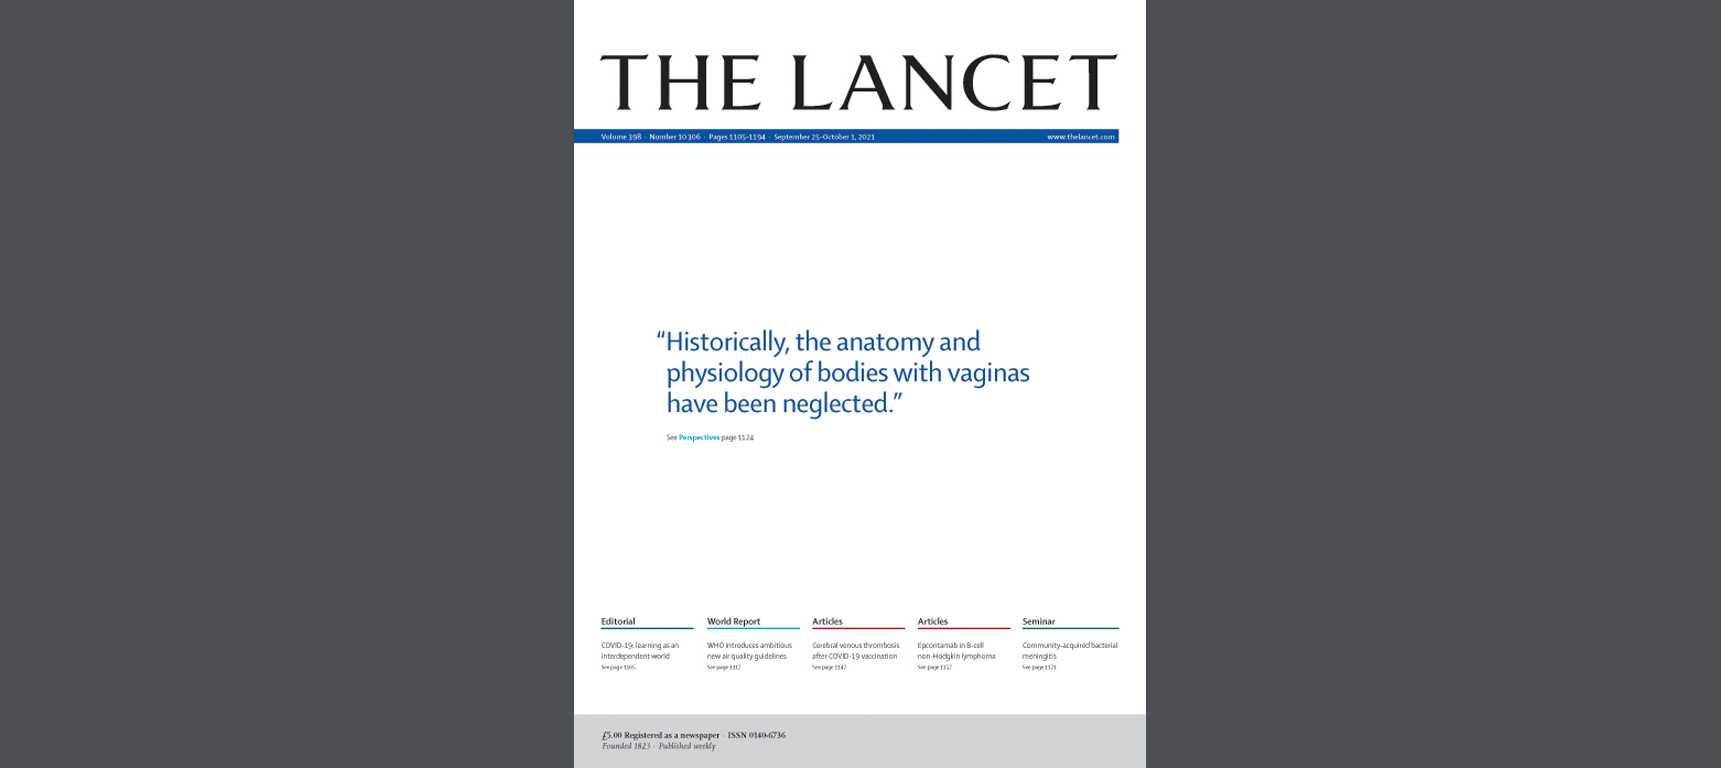 «Тела с вагинами»: как The Lancet пытался не обидеть трансгендеров, но обидел вообще всех